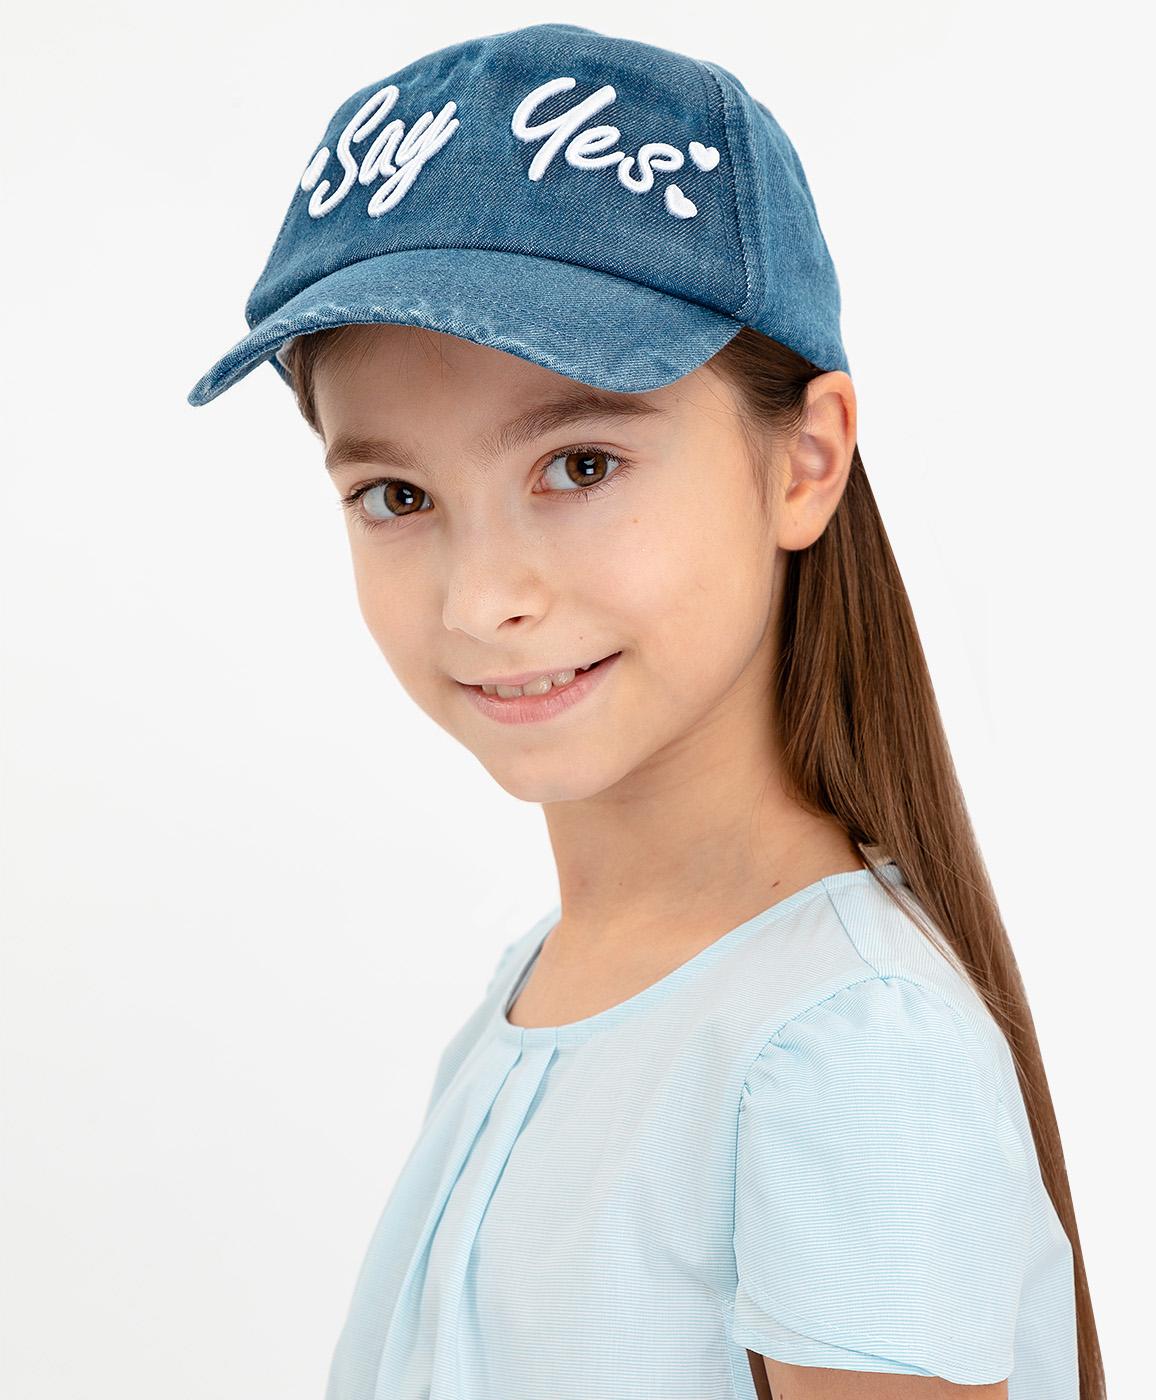 Купить 120BBGX7102D100, Синяя джинсовая кепка Button Blue, синий, 50-52, Женский, ВЕСНА/ЛЕТО 2020 (shop: GulliverMarket Gulliver Market)